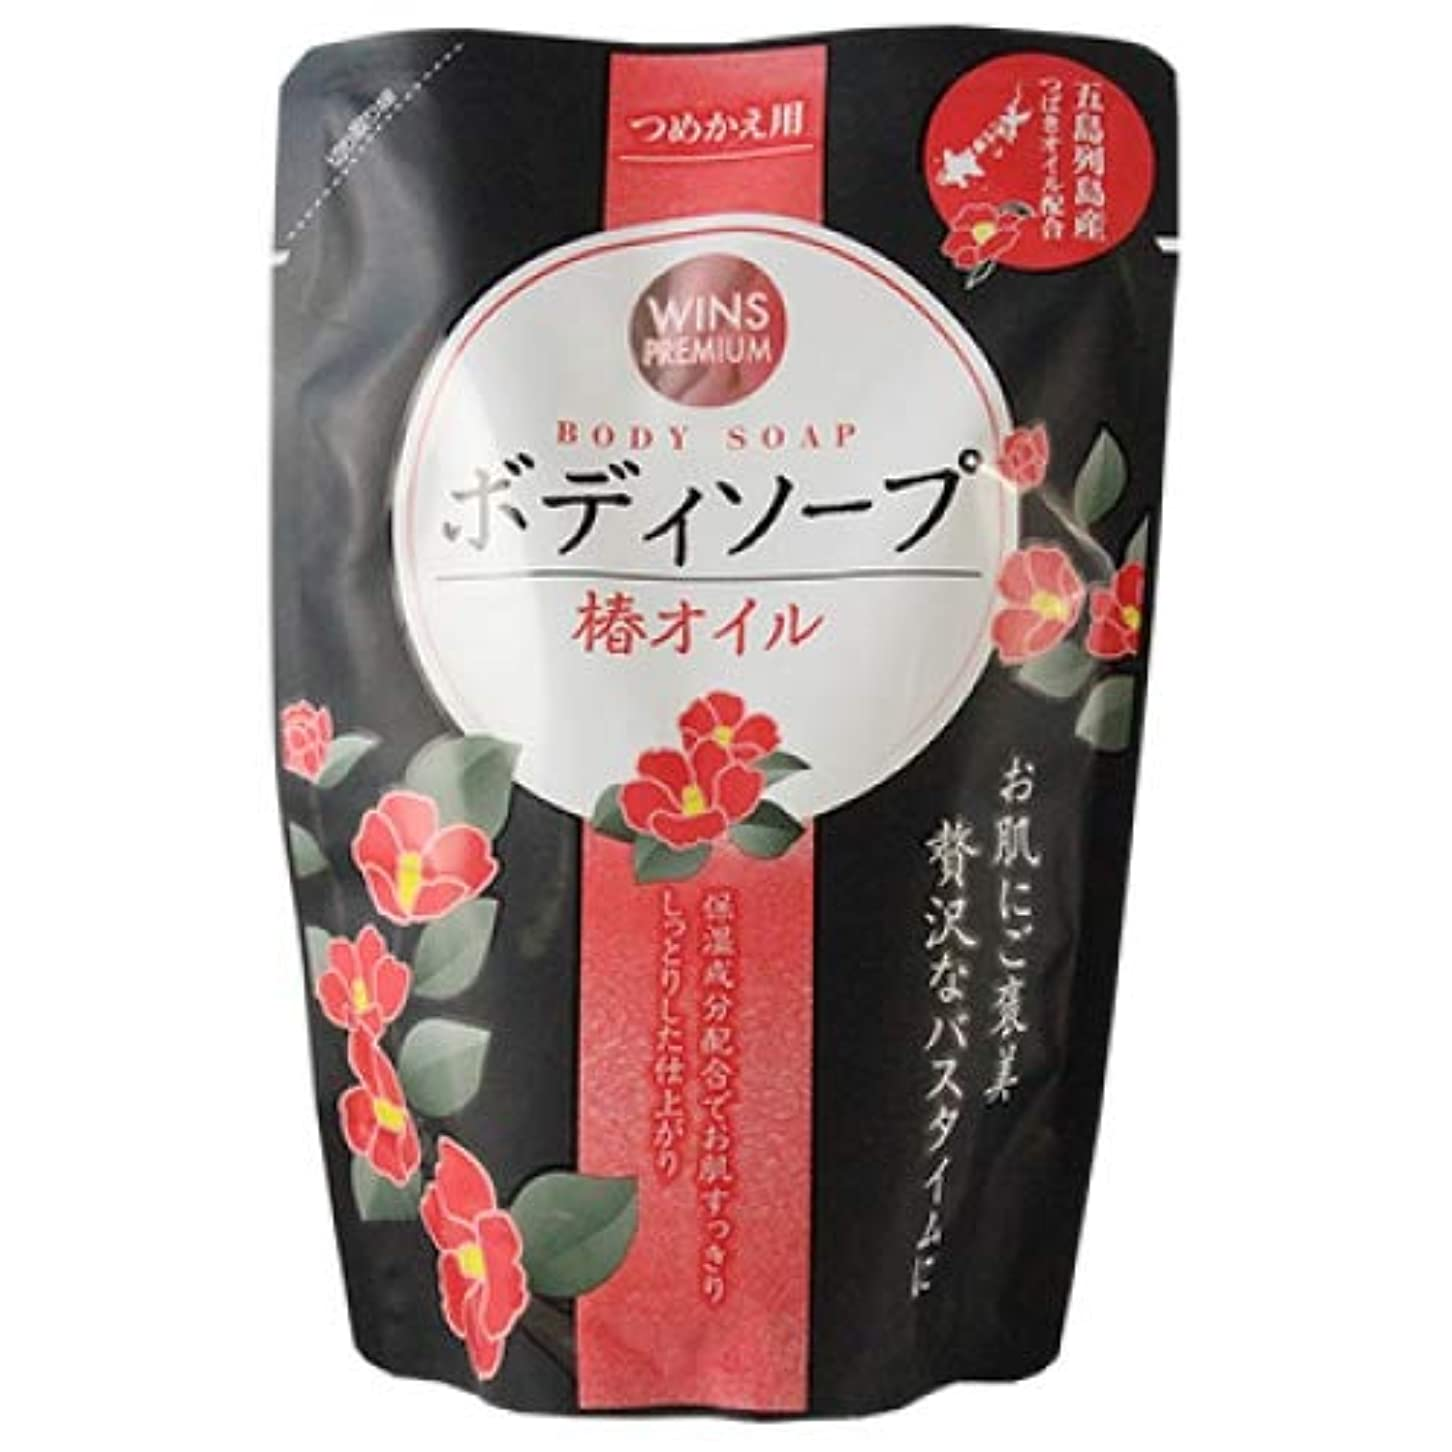 貼り直す抜け目のない非難する日本合成洗剤 ウインズ 椿オイル ボディソープ つめかえ用 400mL 4904112827240